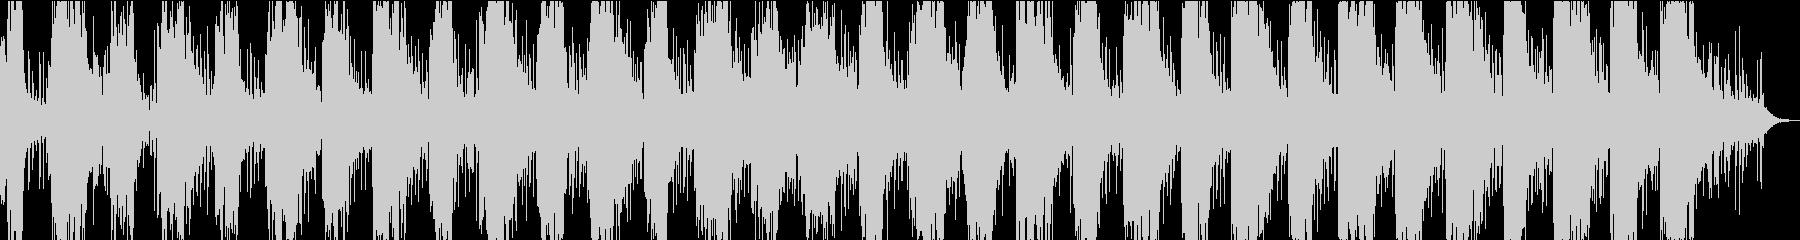 柔らかく泡のあるシンセラインを使用...の未再生の波形